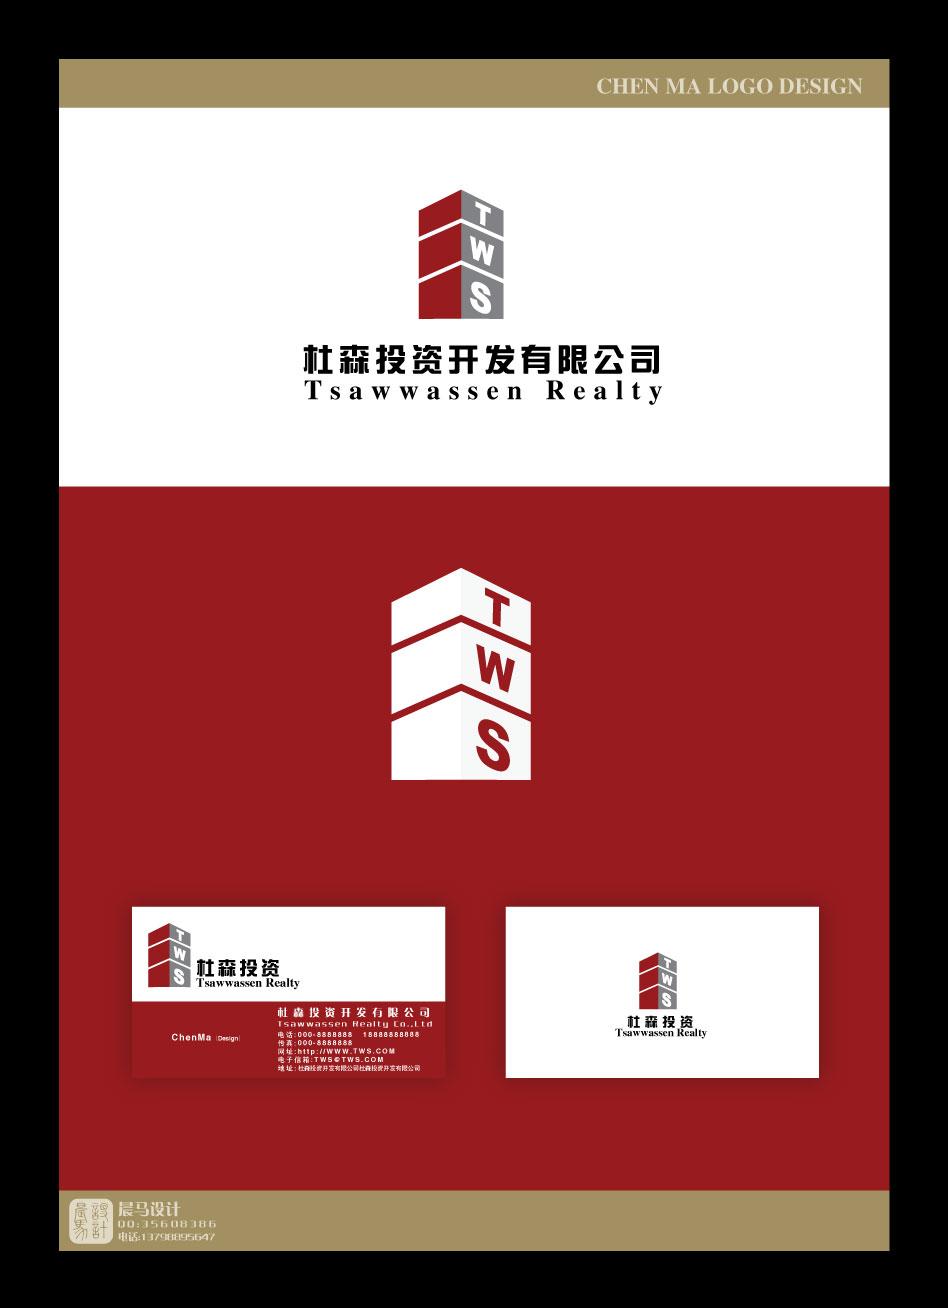 杜森投资-公司logo名片信封设计_1467997_k68威客网